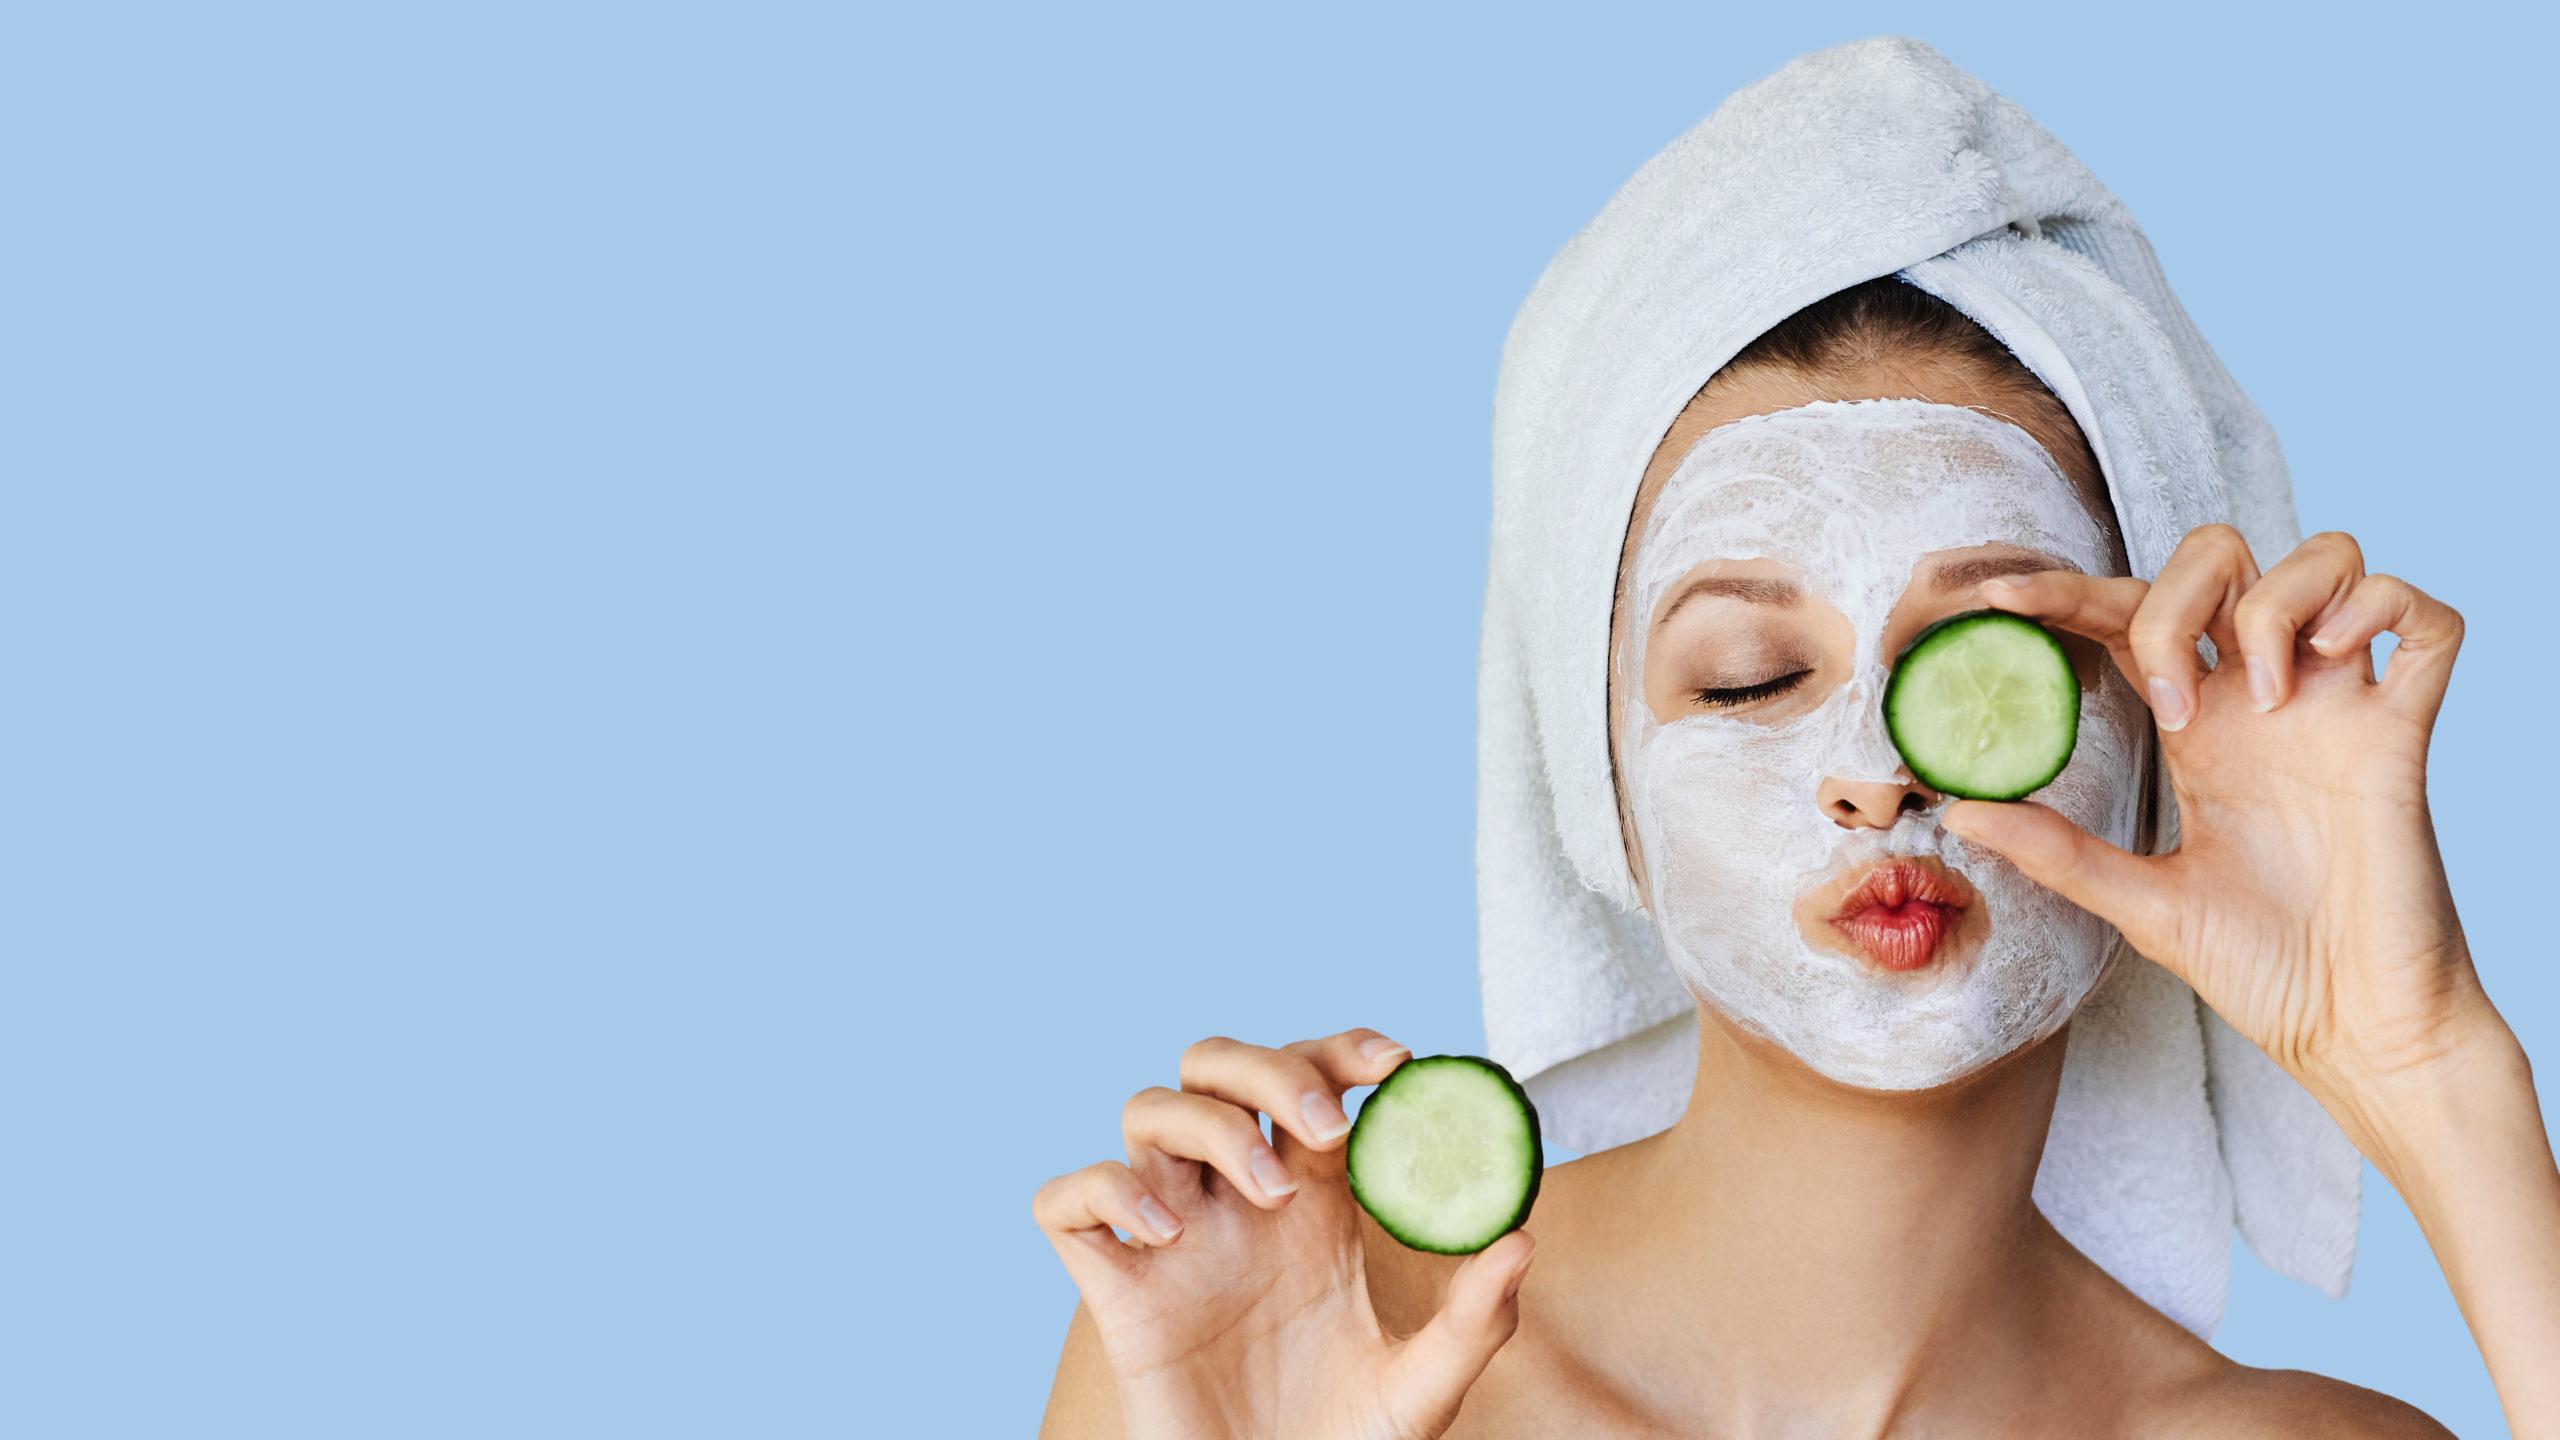 DIY Facemasks you can make at home